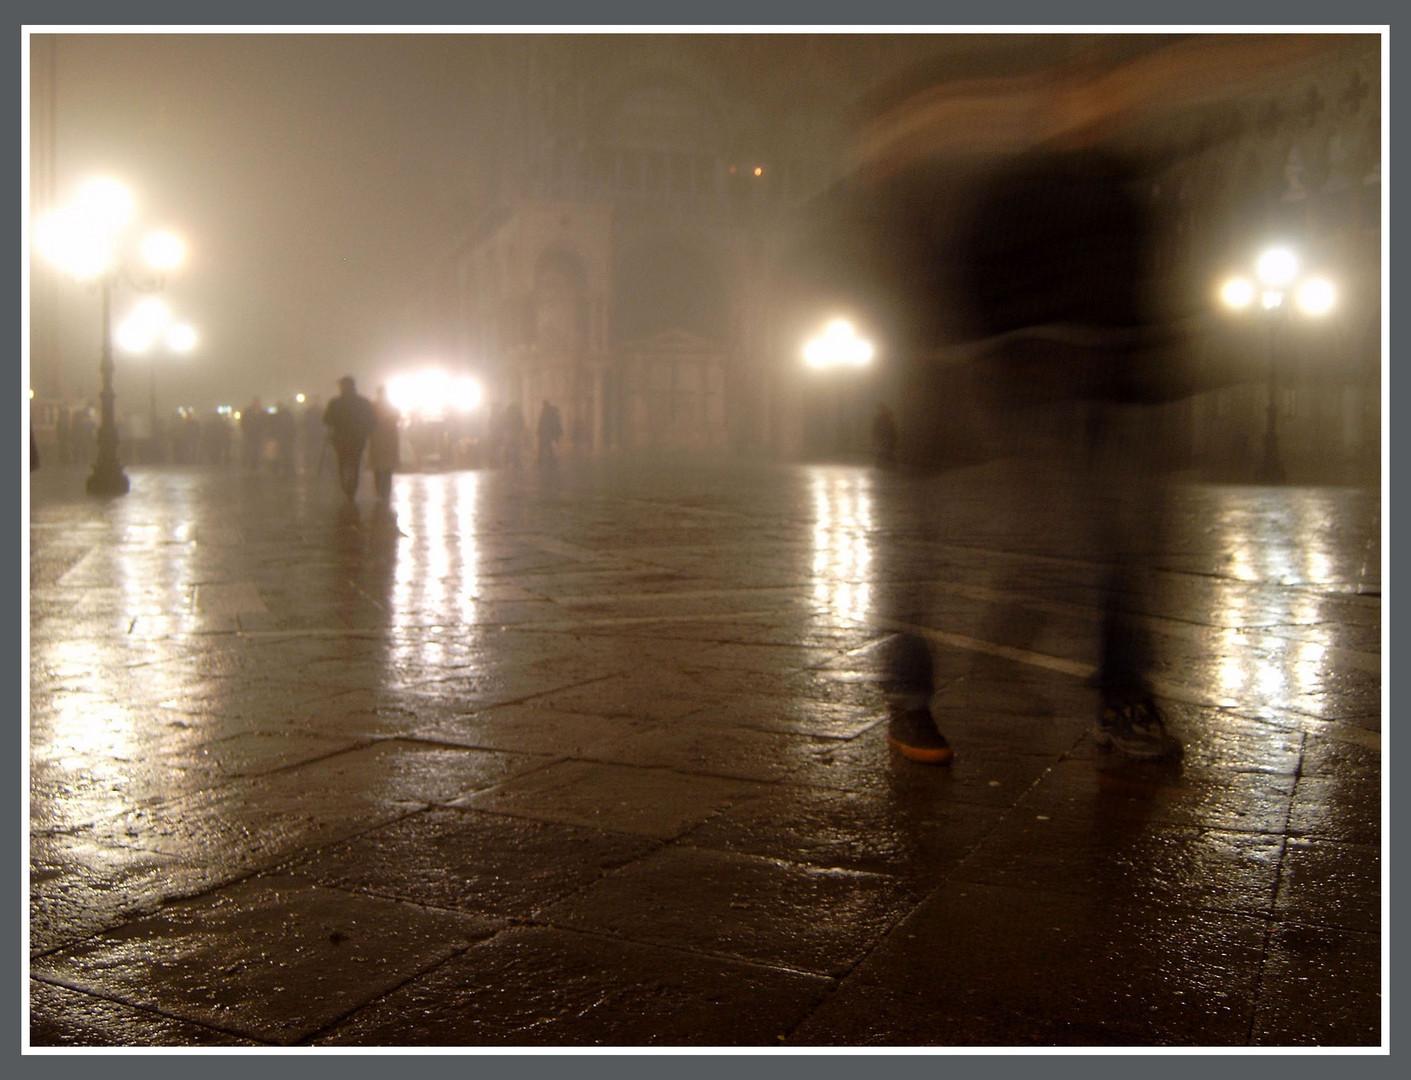 Straßentanz im venezianischen Regen